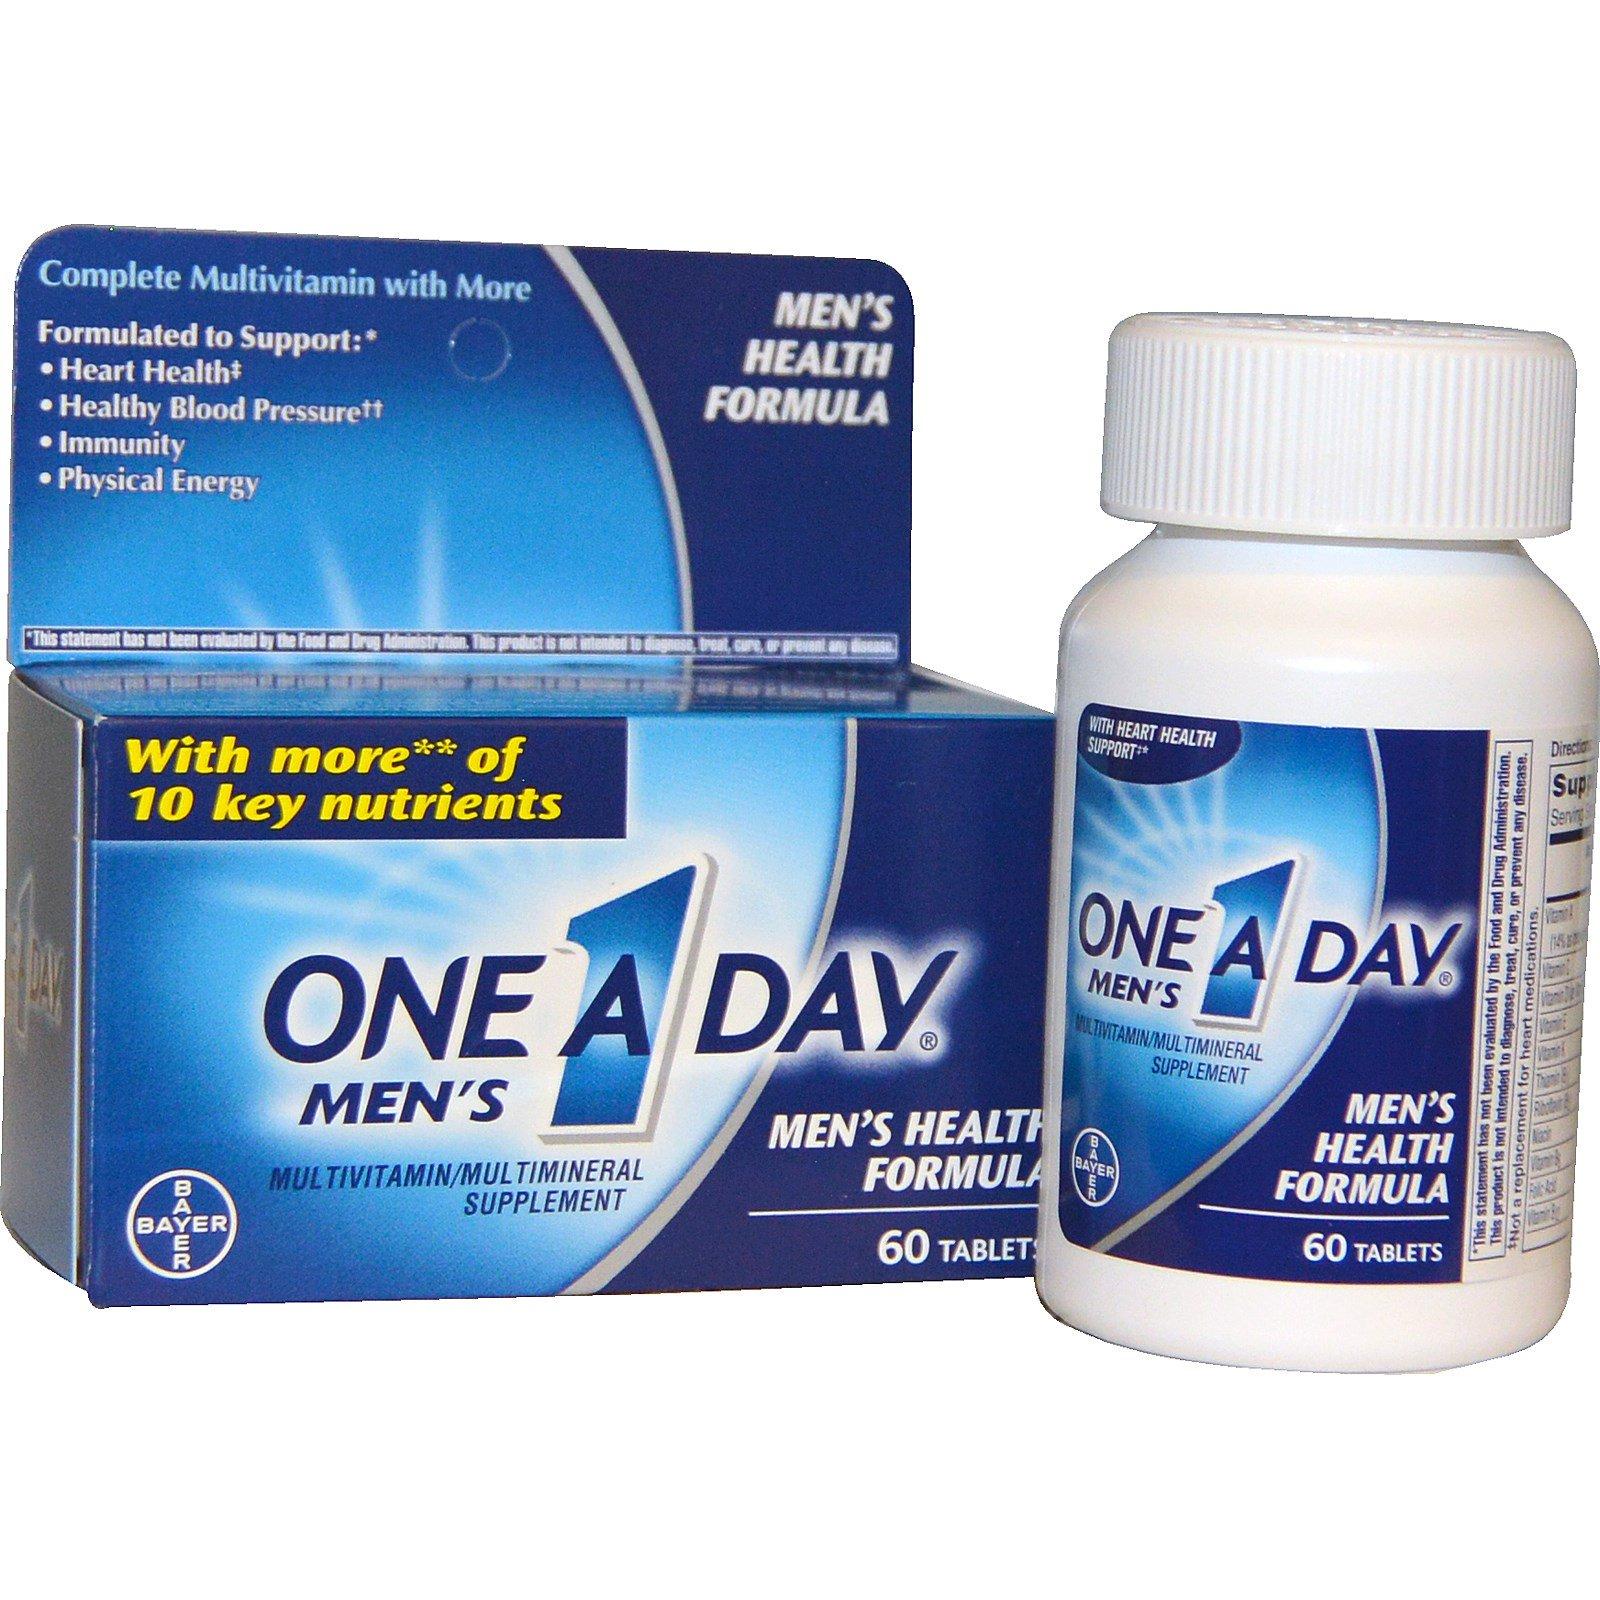 One-A-Day, One A Day Men's, формула здоровья для мужчин, мультивитамины/мультиминералы, 60 таблеток